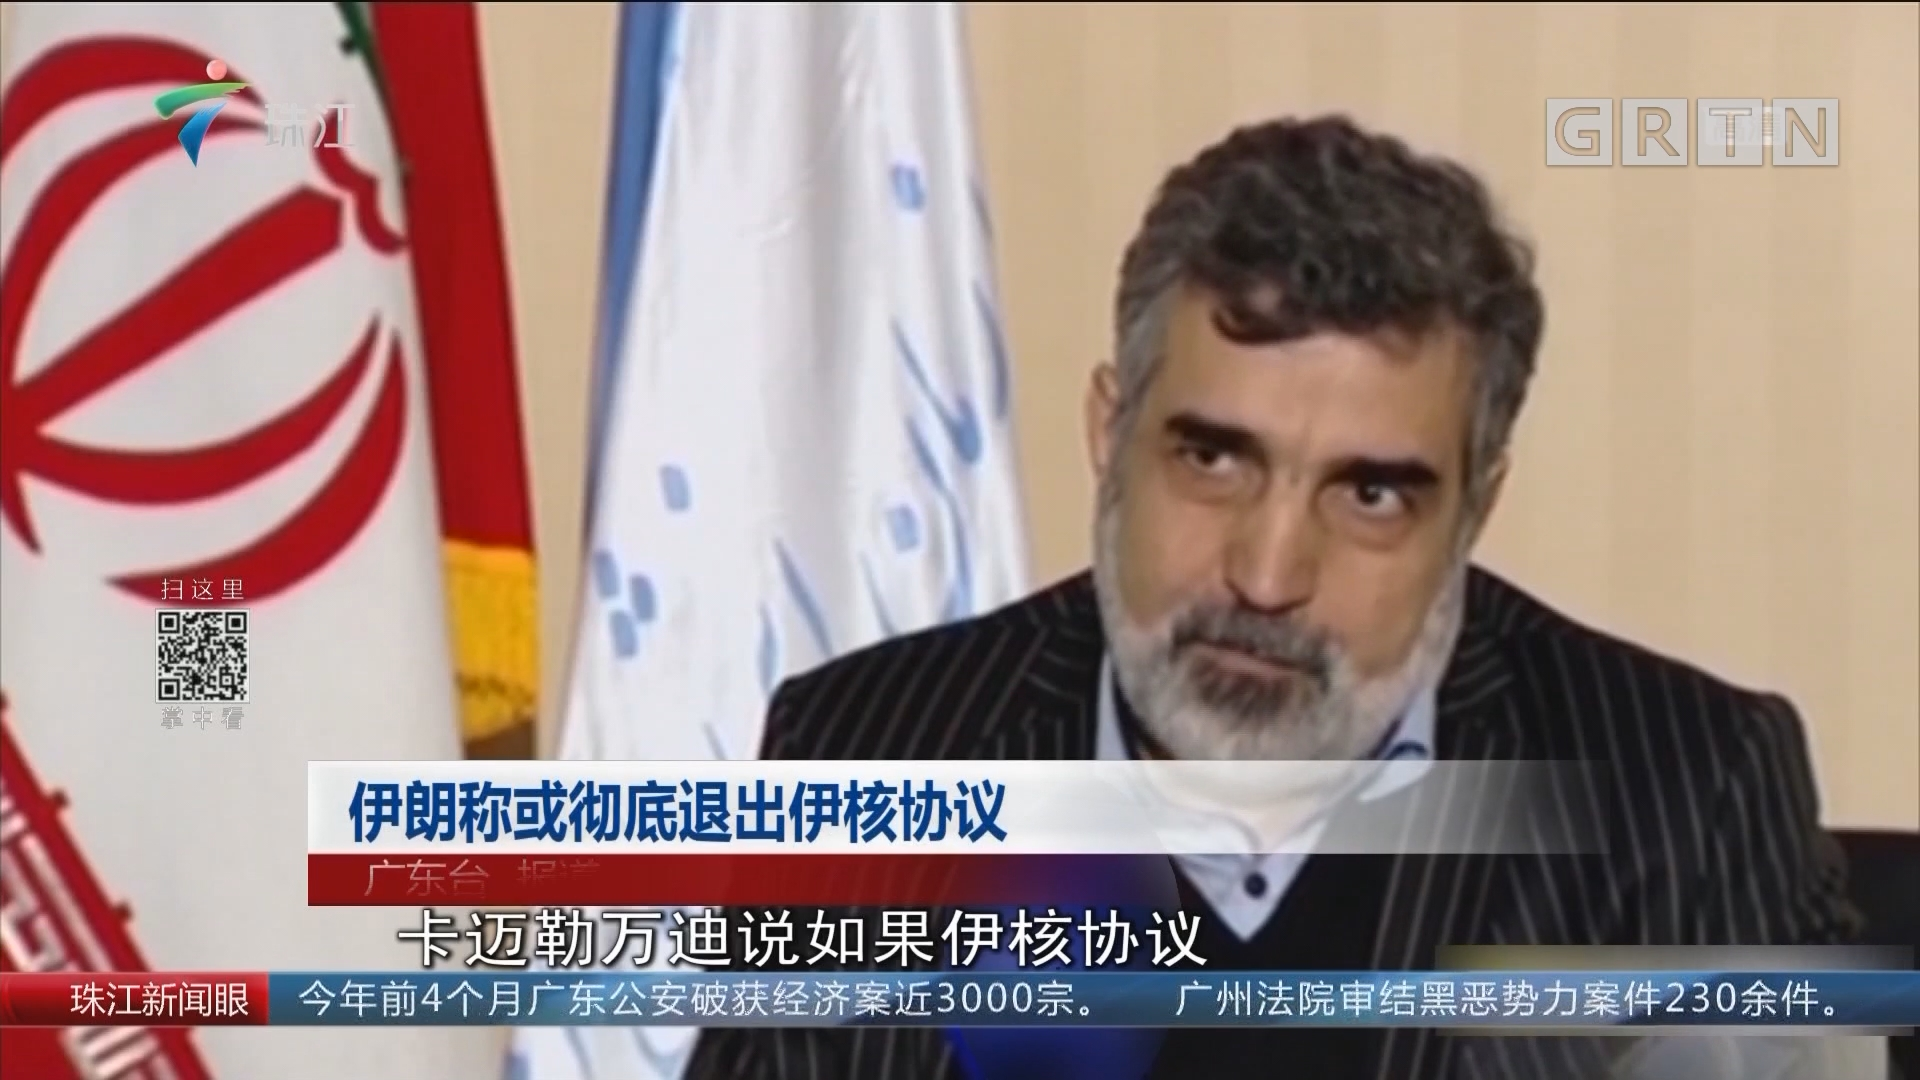 伊朗称或彻底退出伊核协议